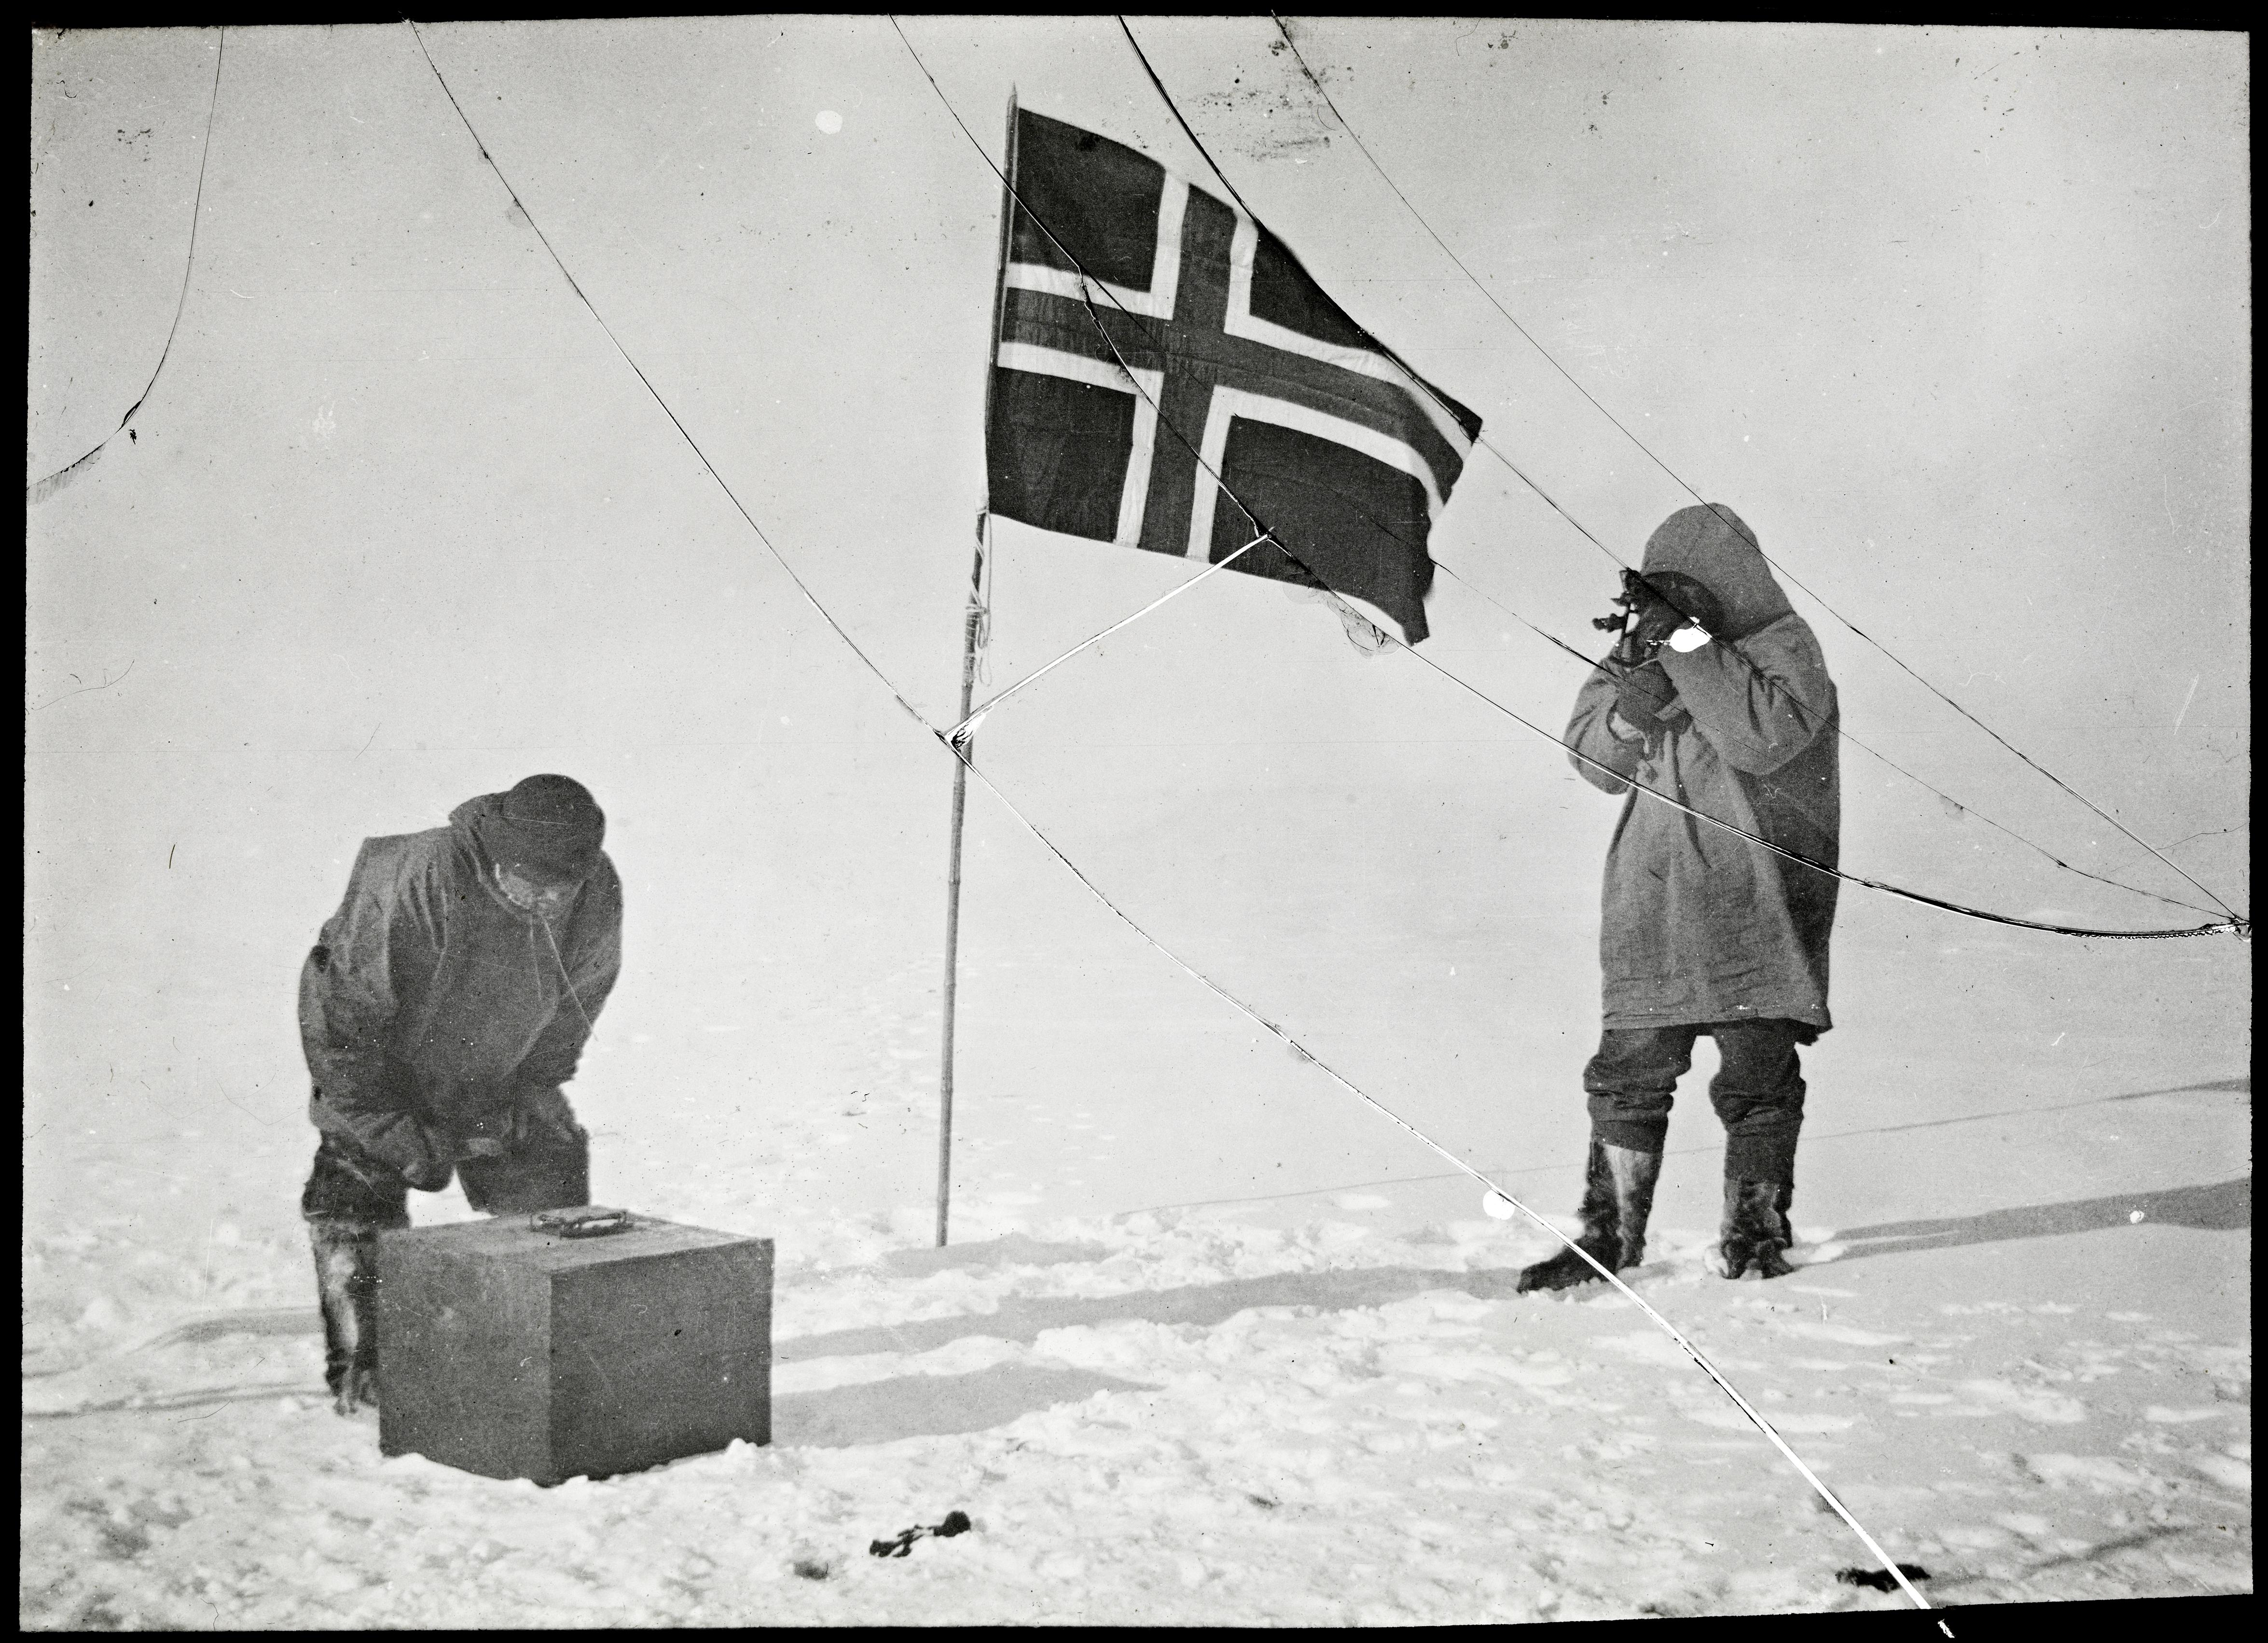 NPRA132. Roald Amundsen og Helmer Hanssen gjør observasjoner på Sydpolen, 1911